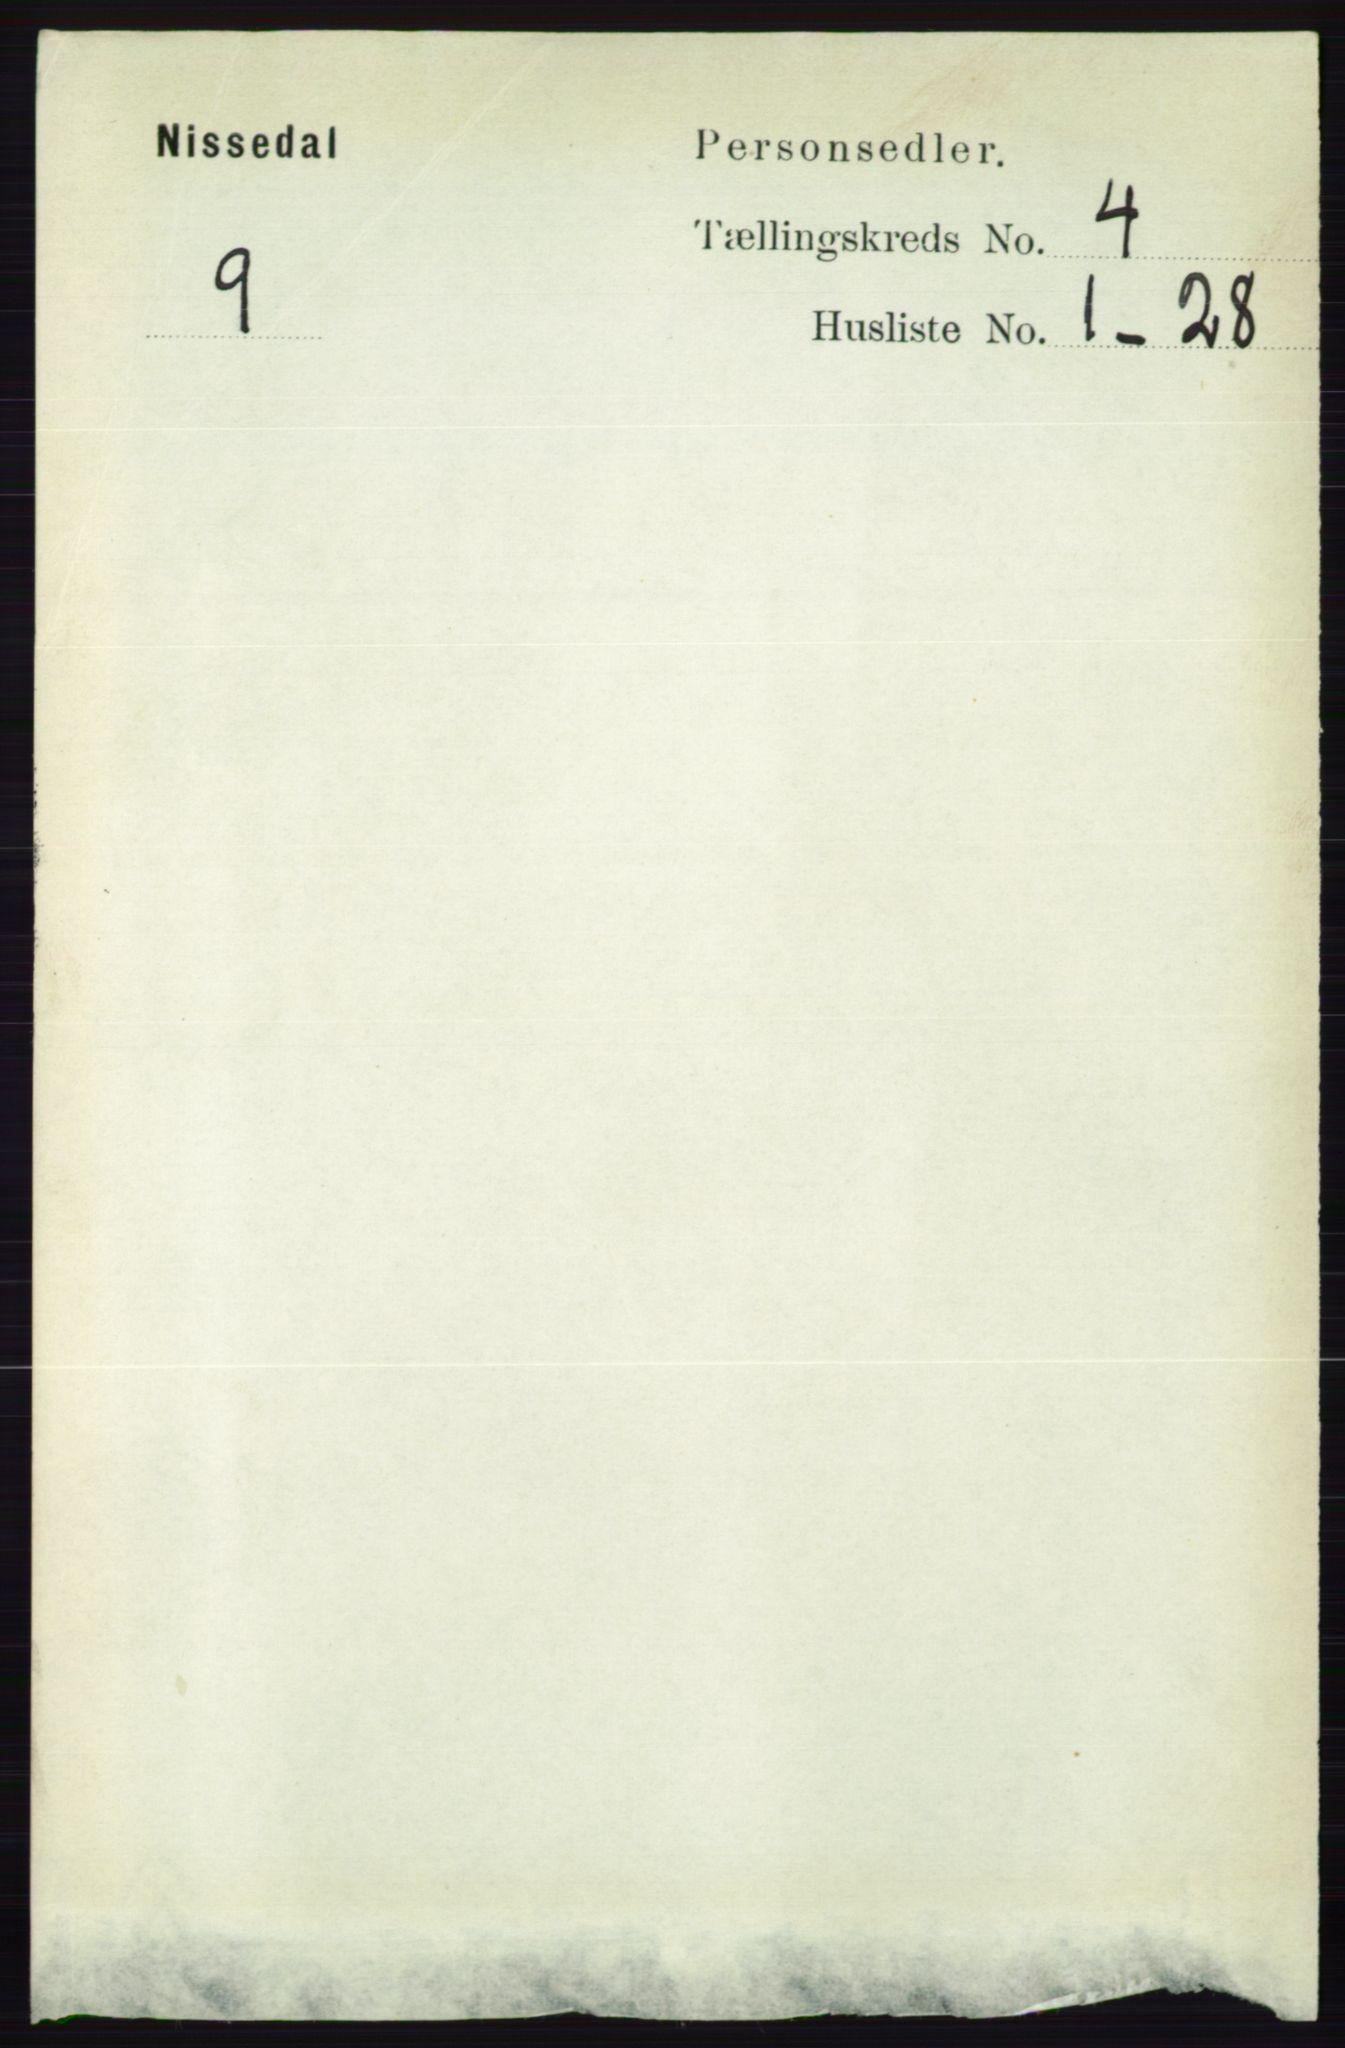 RA, Folketelling 1891 for 0830 Nissedal herred, 1891, s. 859